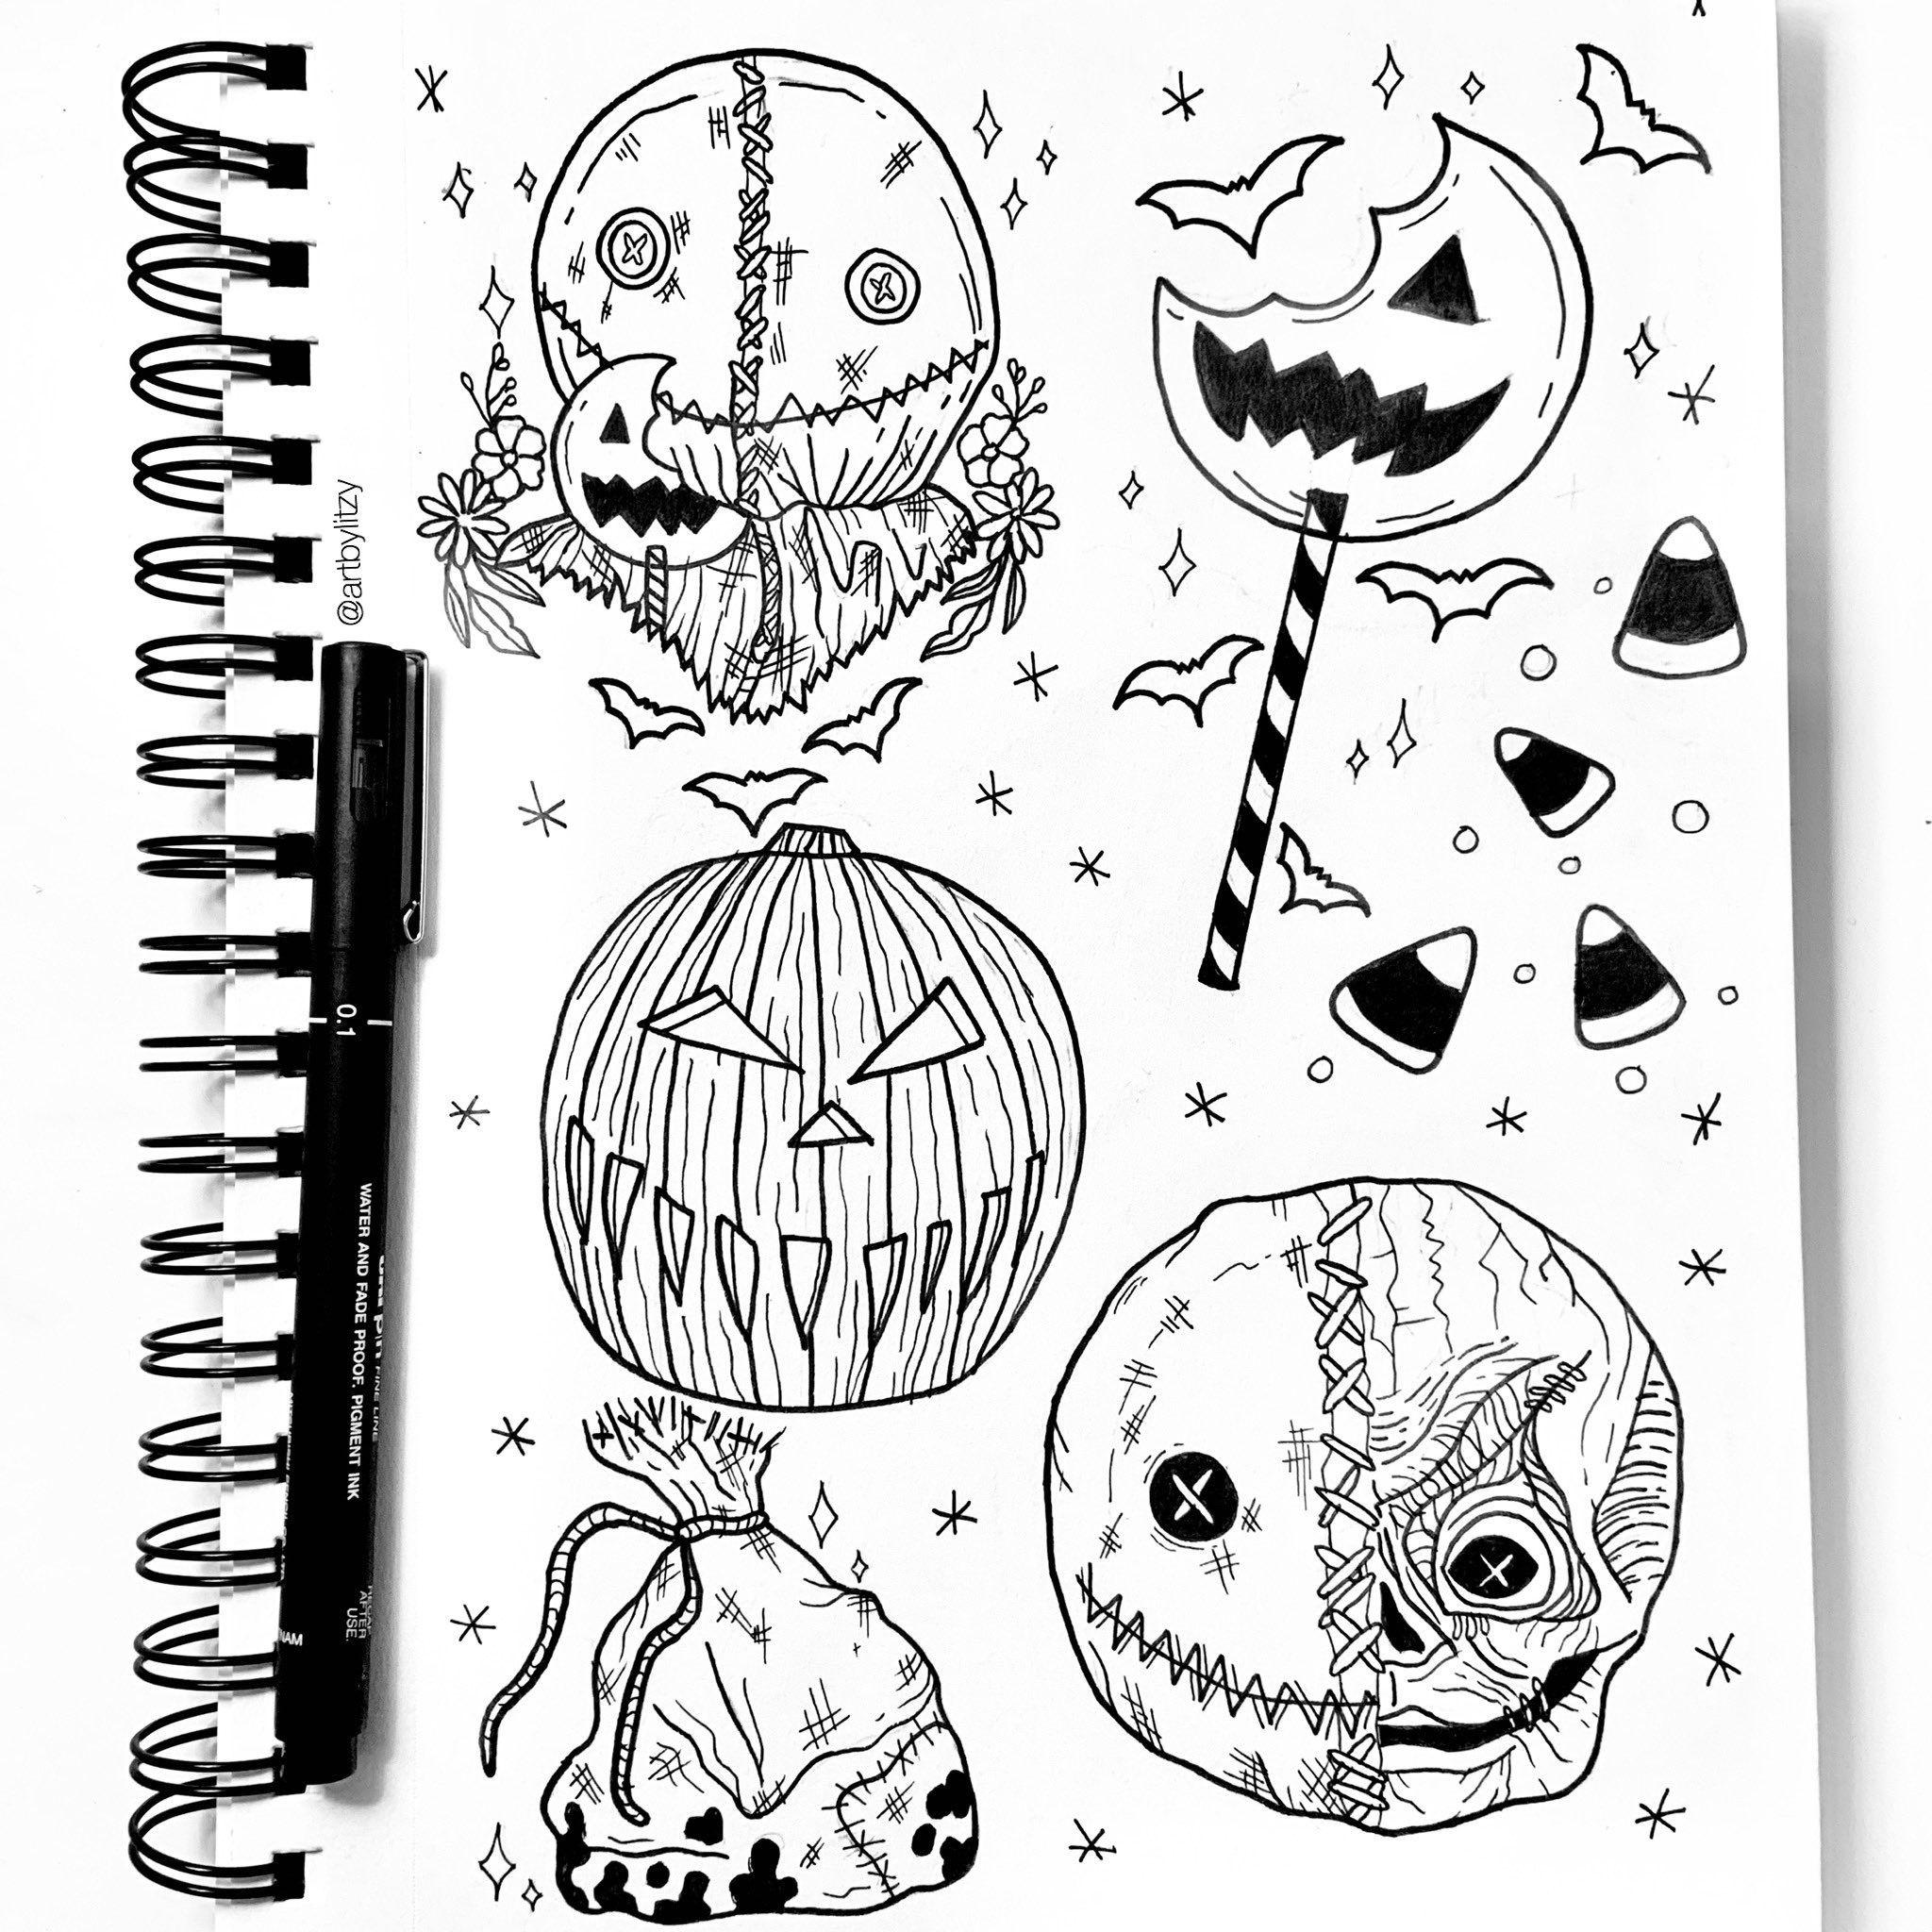 Trick R Treat Sam Tattoo Design Flash Sheet Artbylitzy Tattoo Flash Art Halloween Tattoos Sam Trick R Treat